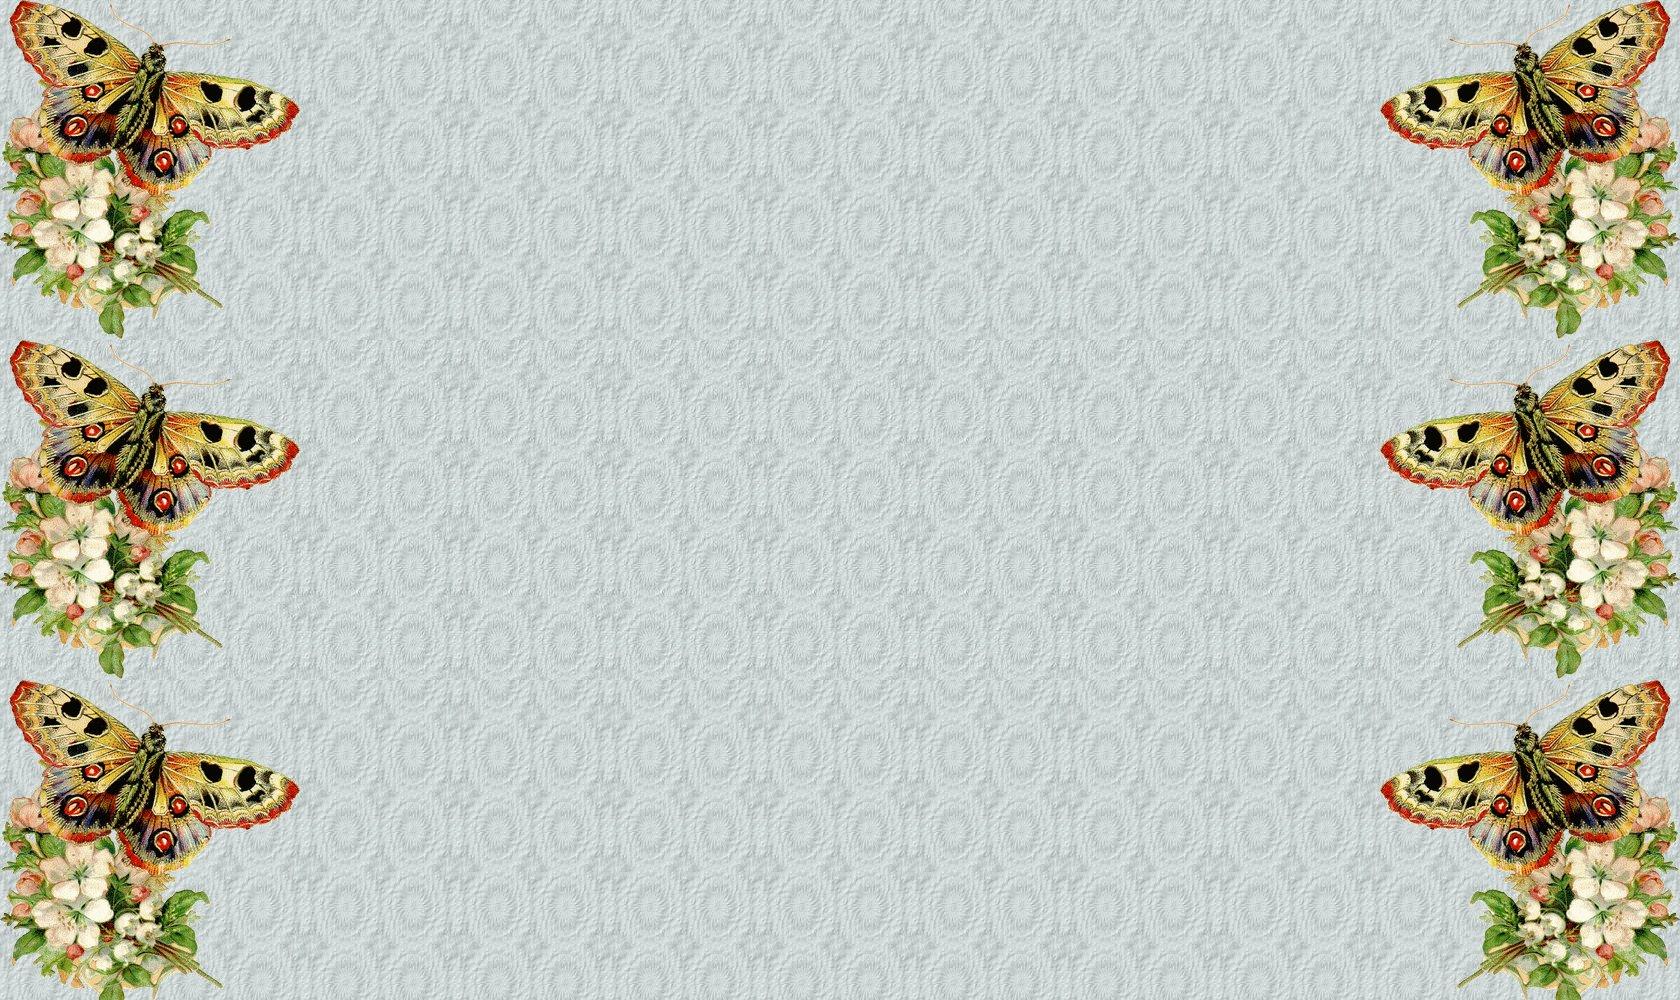 fond-papillon-1680-1000.jpg